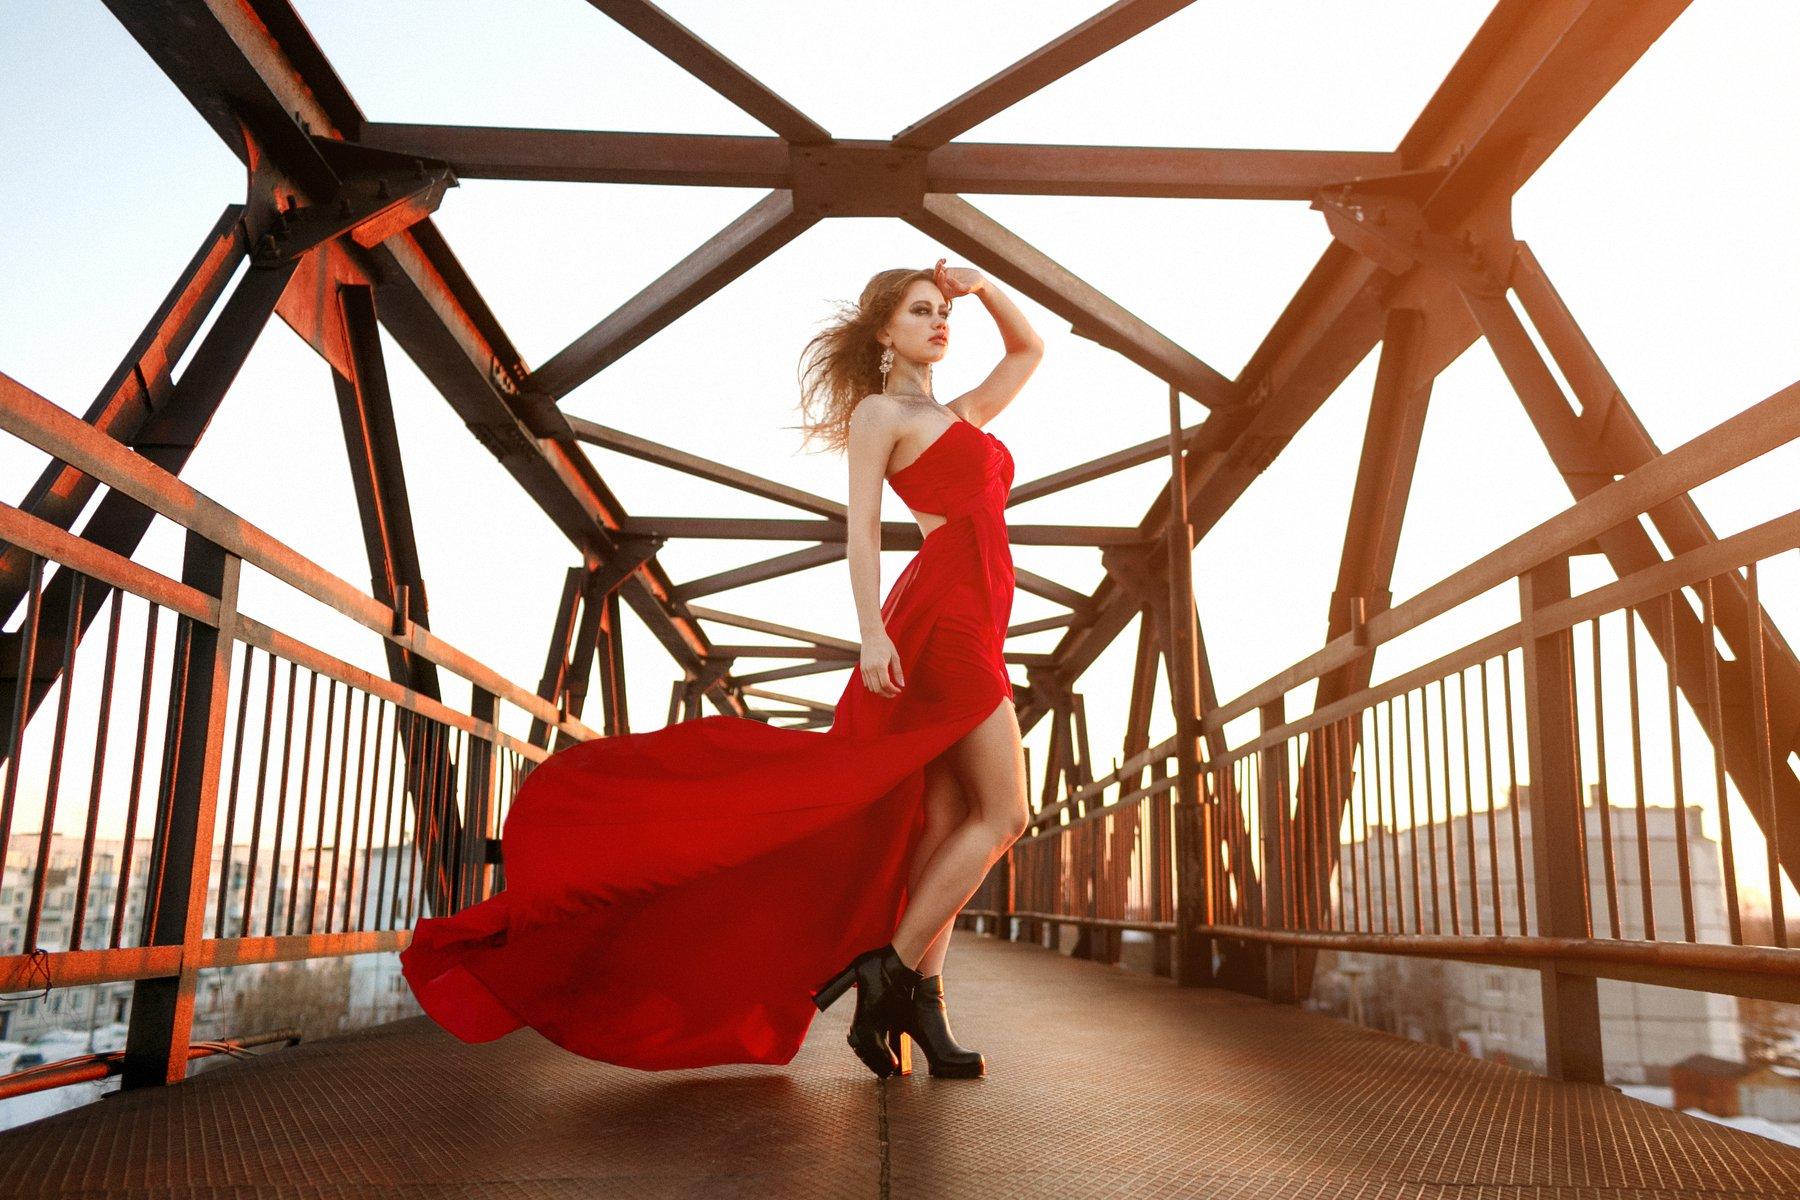 девушка, платье, красный, небо, закат, легкий, цвет, солнце, ветер, фото, переход, Dmitry Bastet